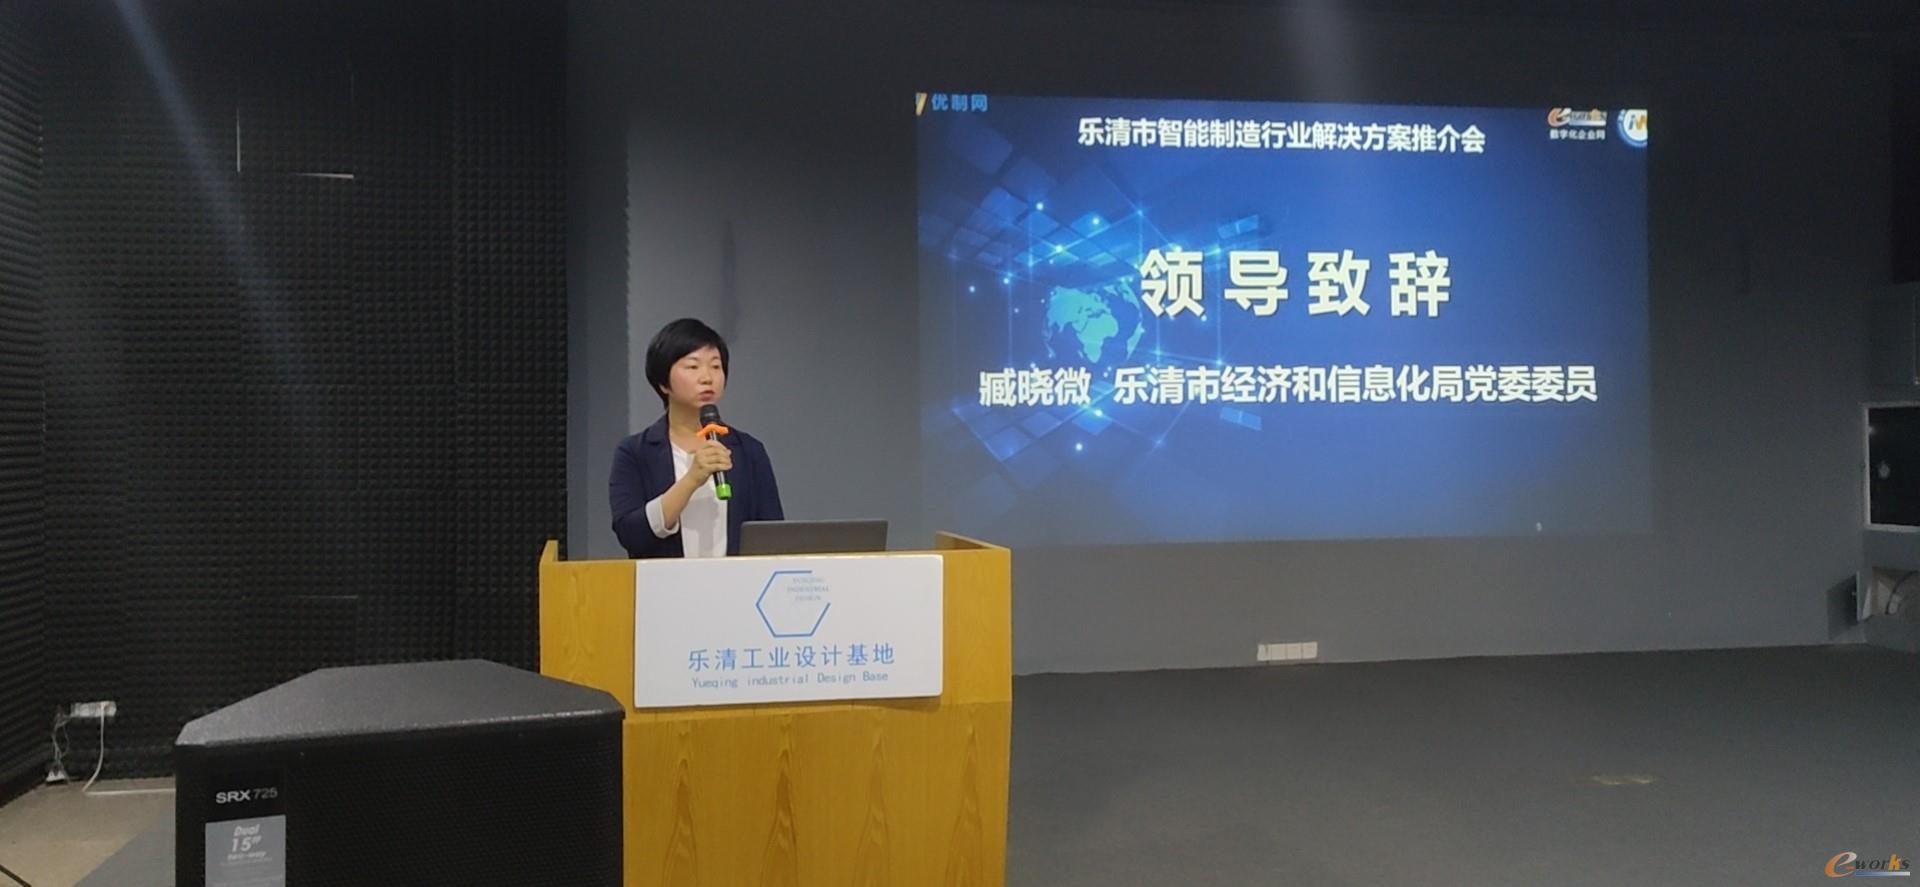 乐清经信局党委委员臧晓薇致辞